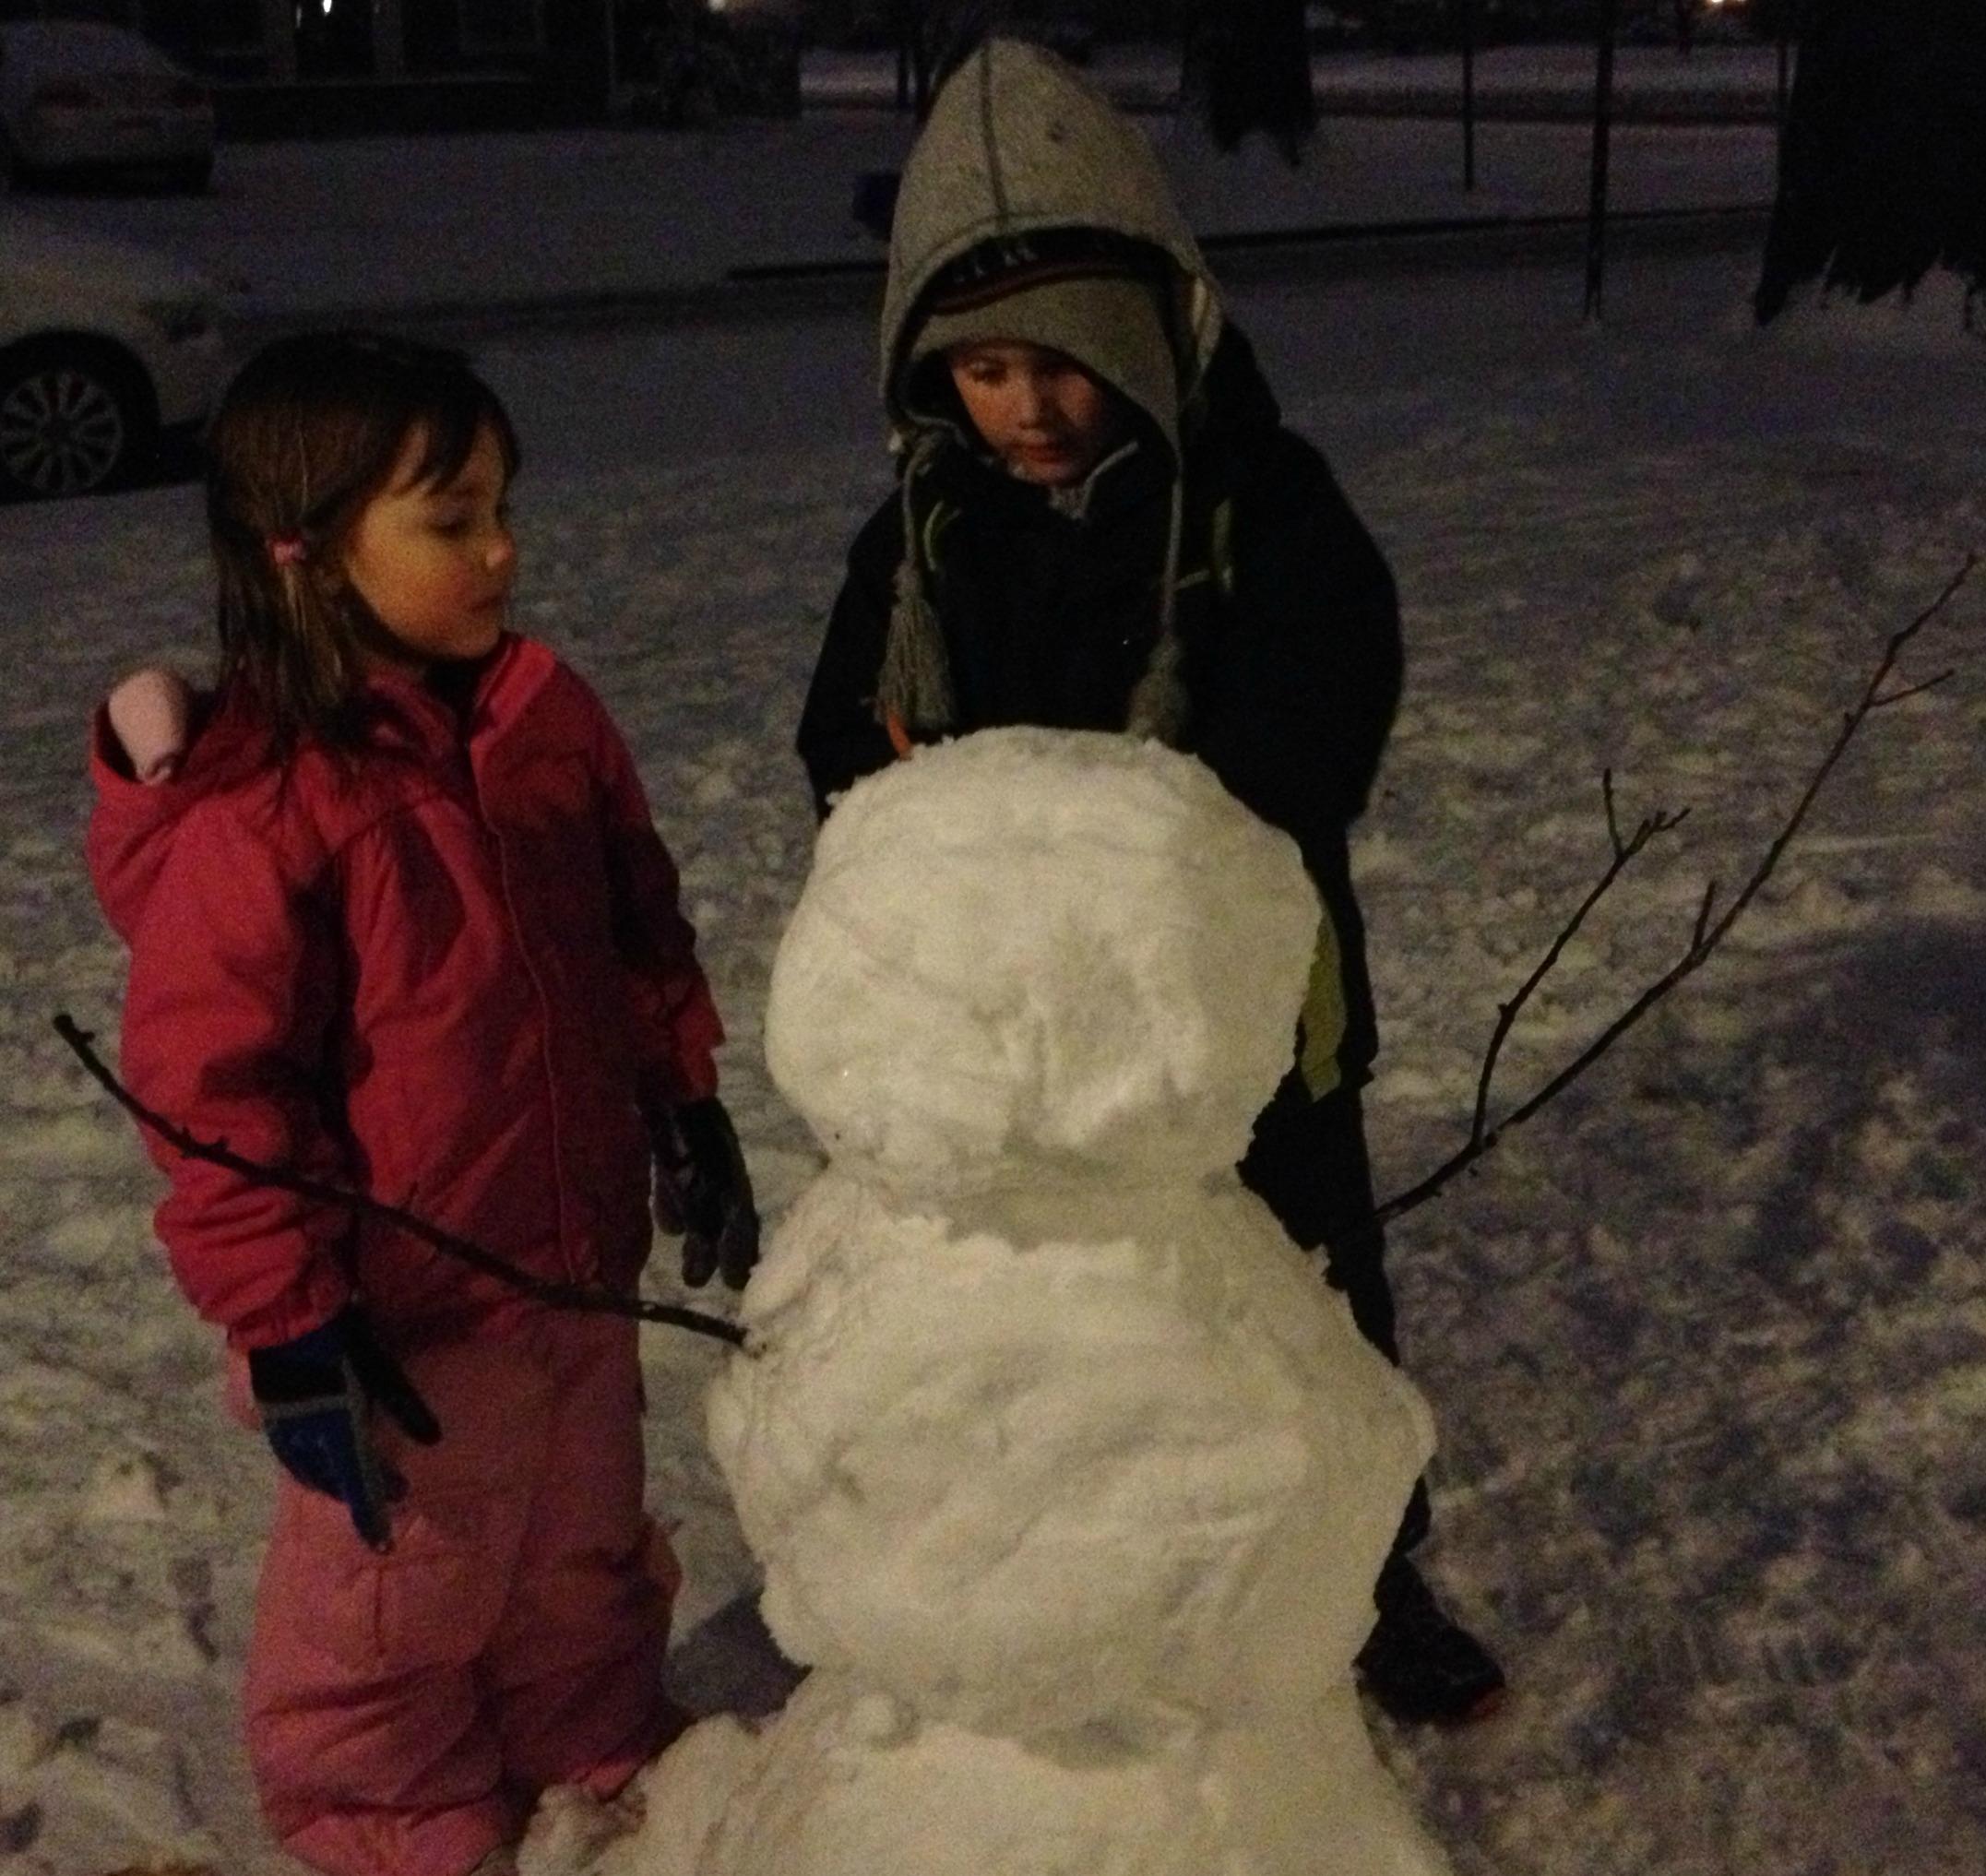 snowmanbuilders